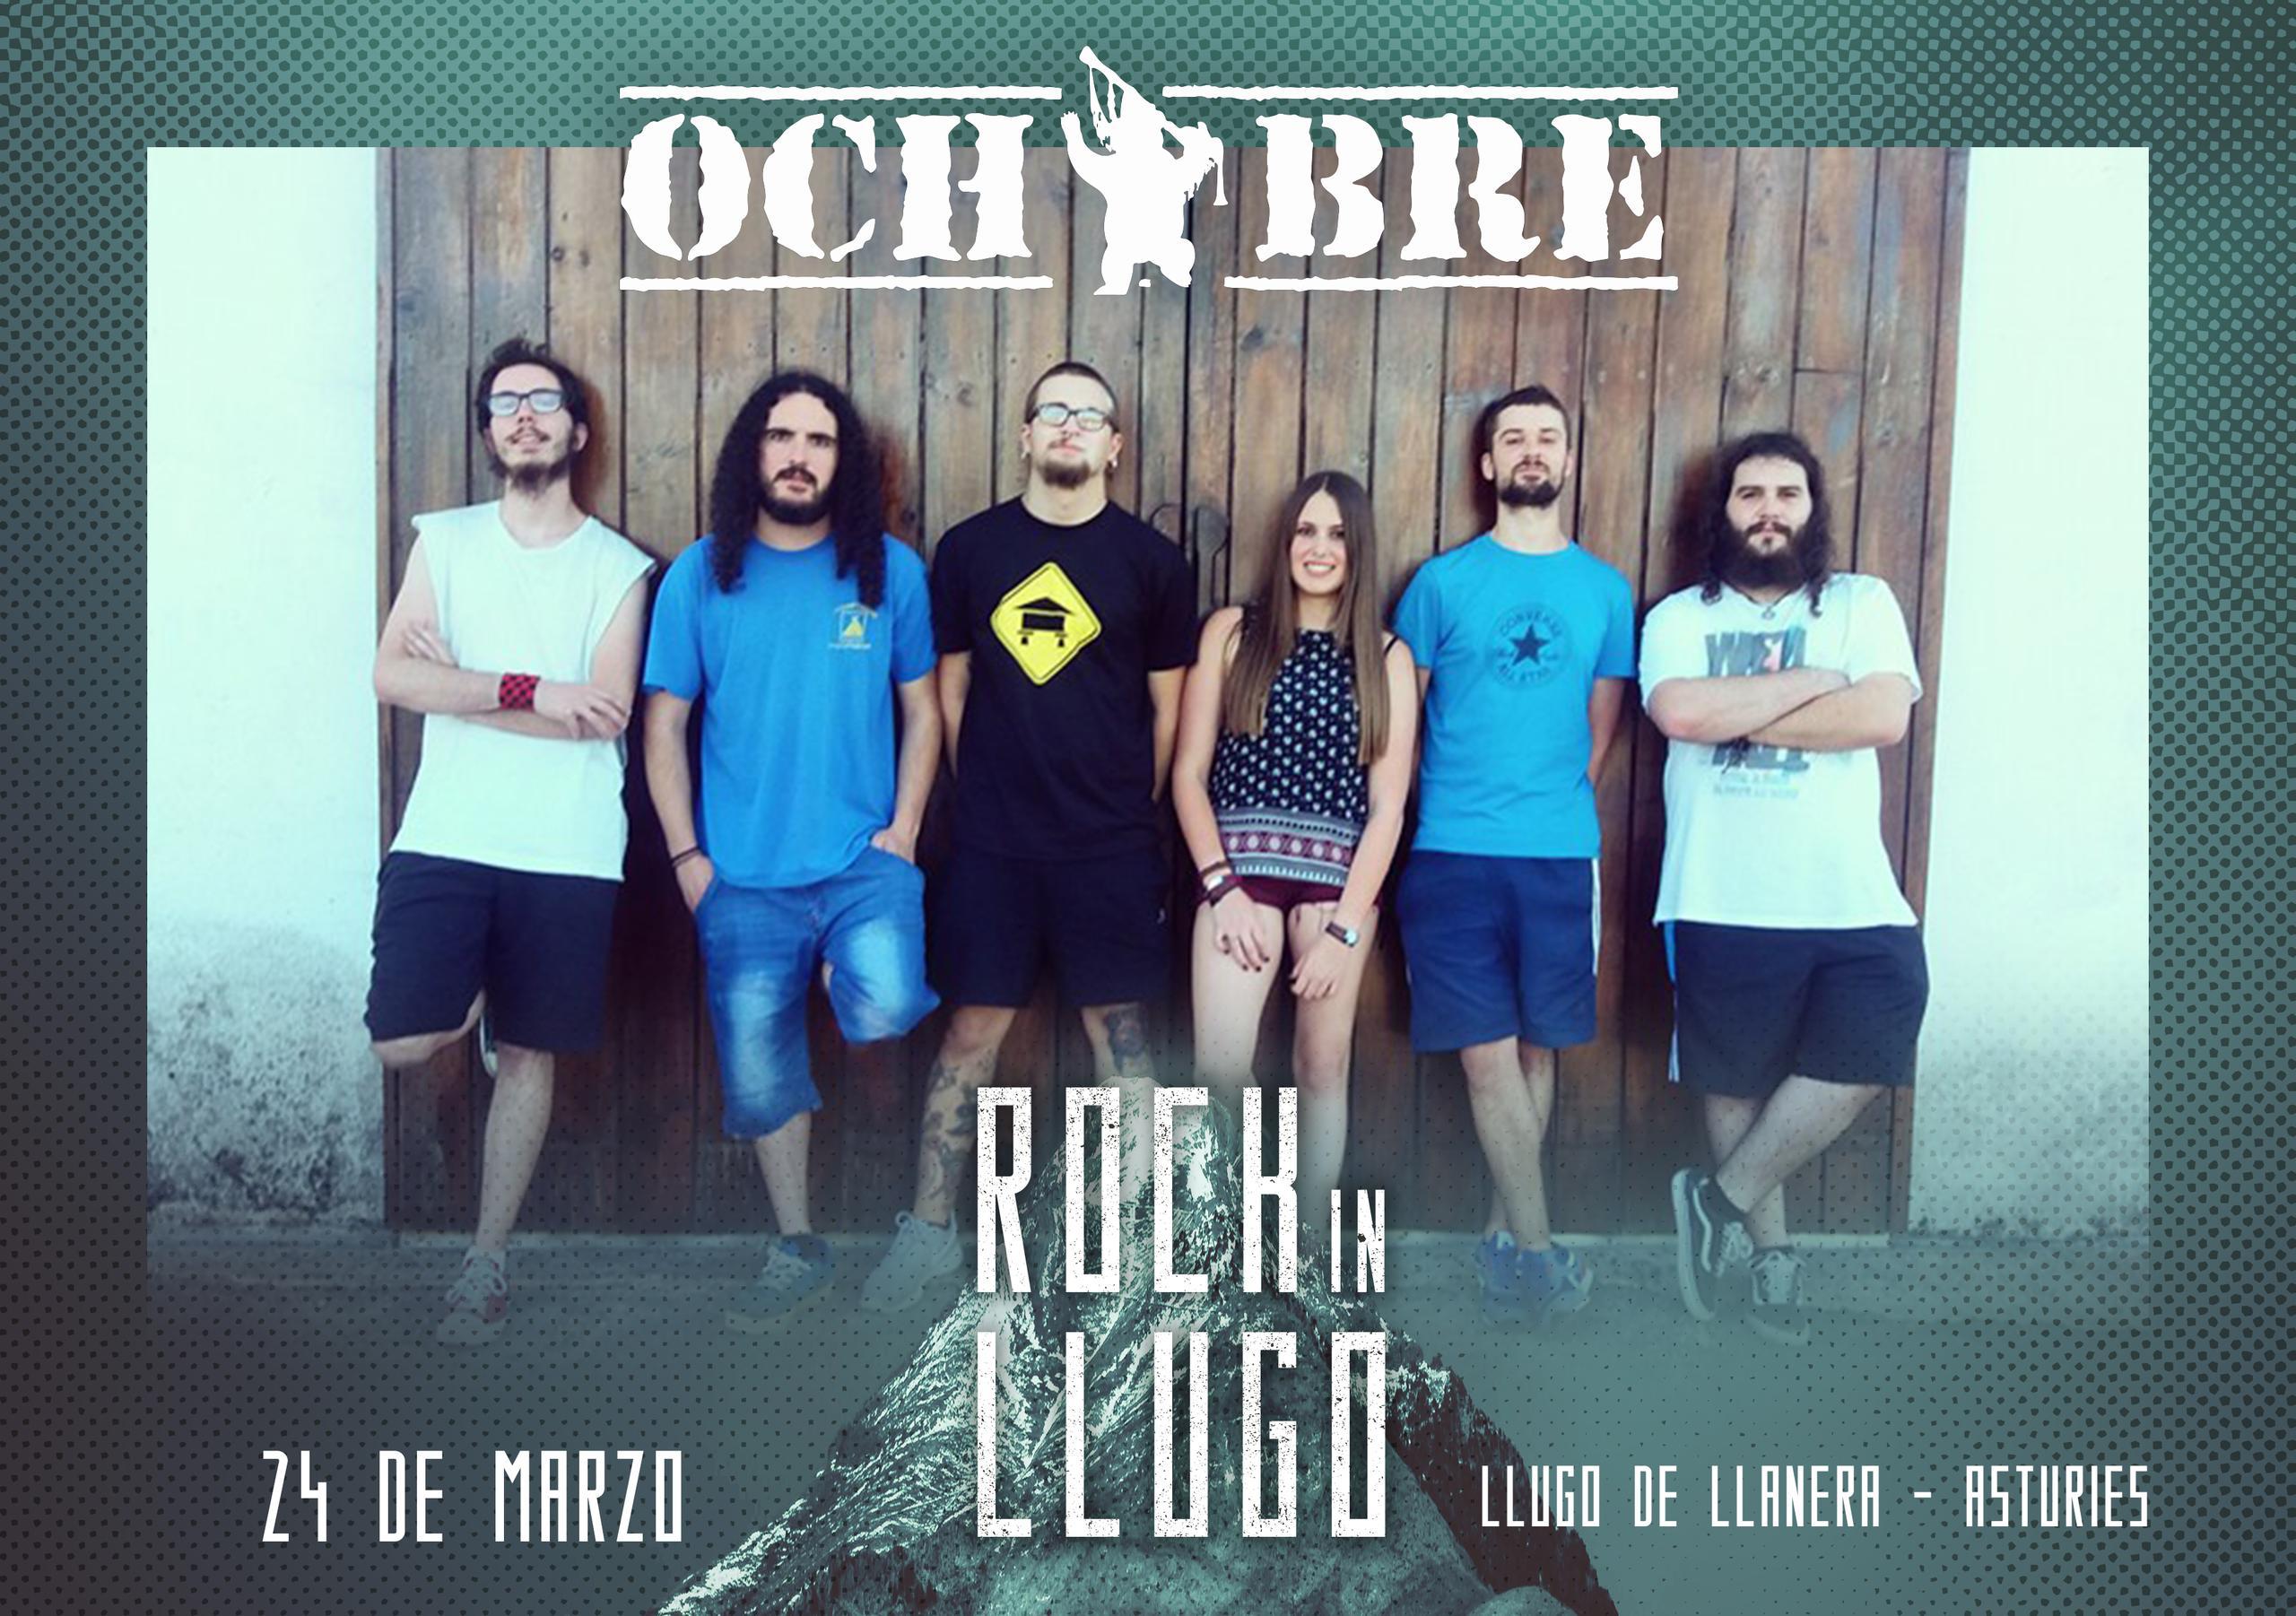 ¡¡Ochobre estarán en el Rock in Llugo!!